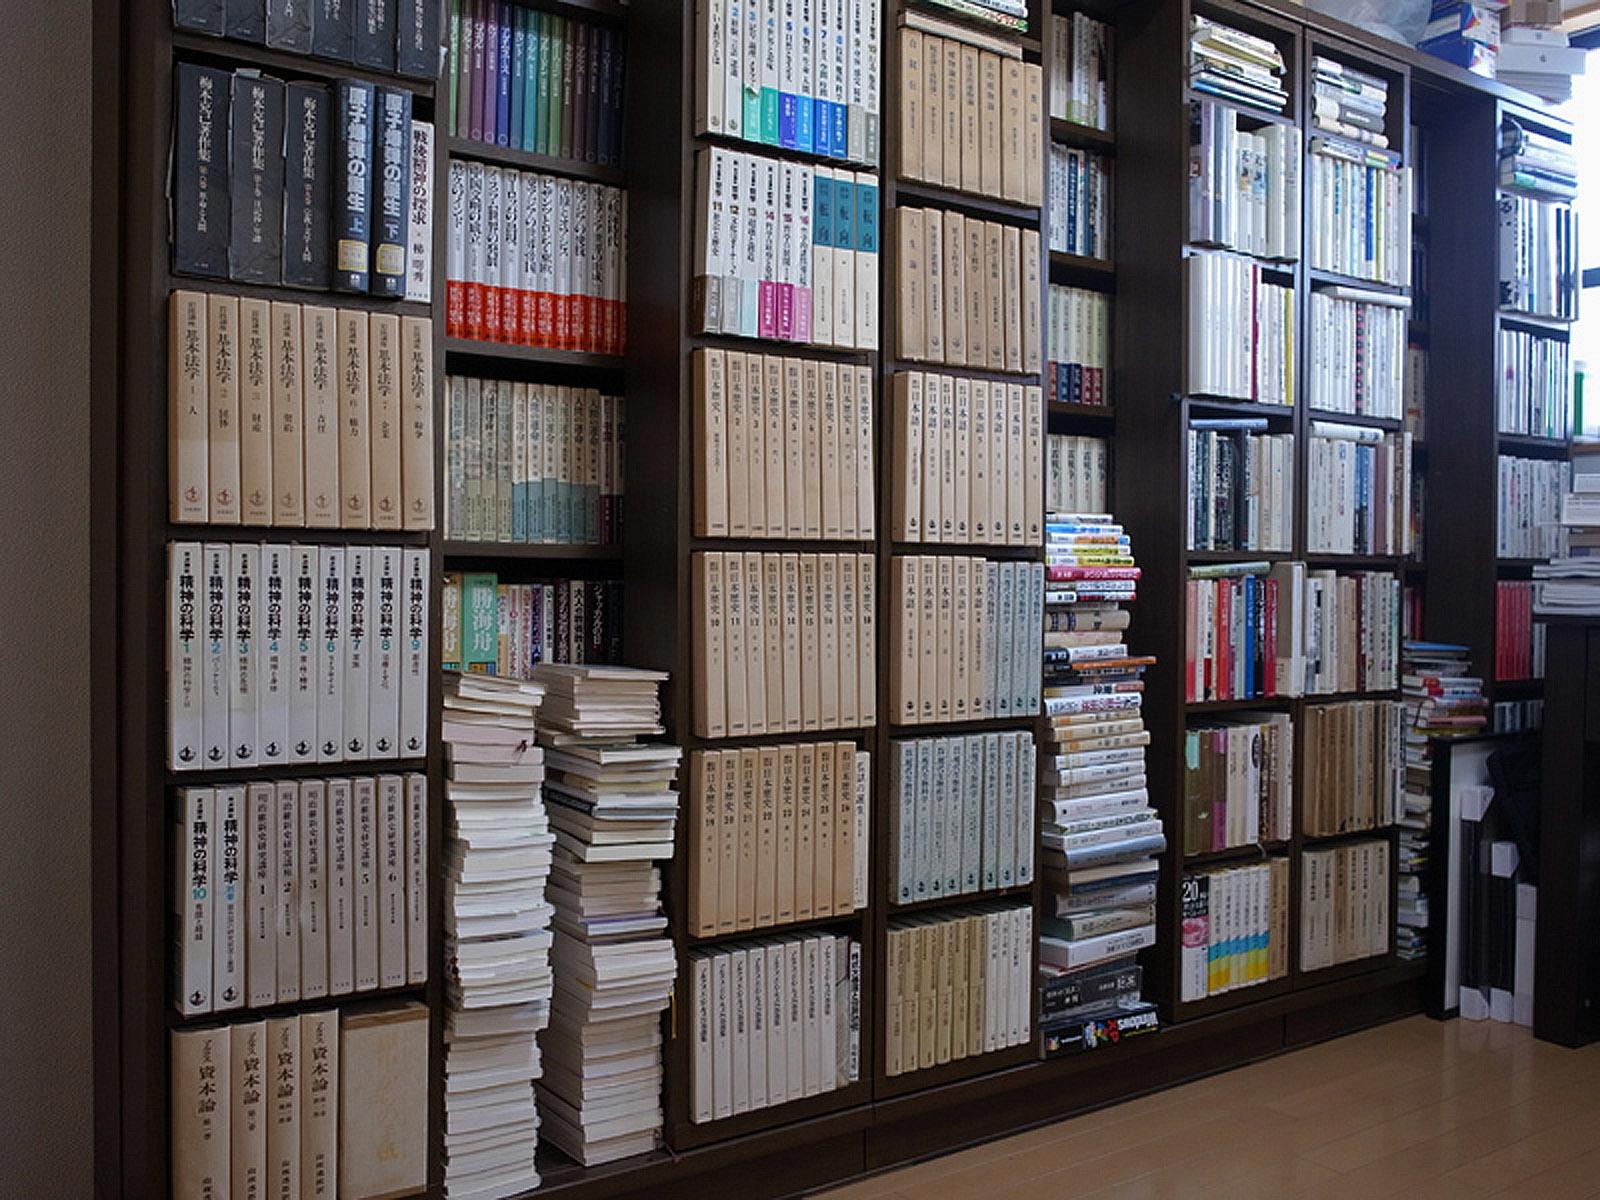 本を読む環境を整えようかと検討中_e0367501_21190761.jpg